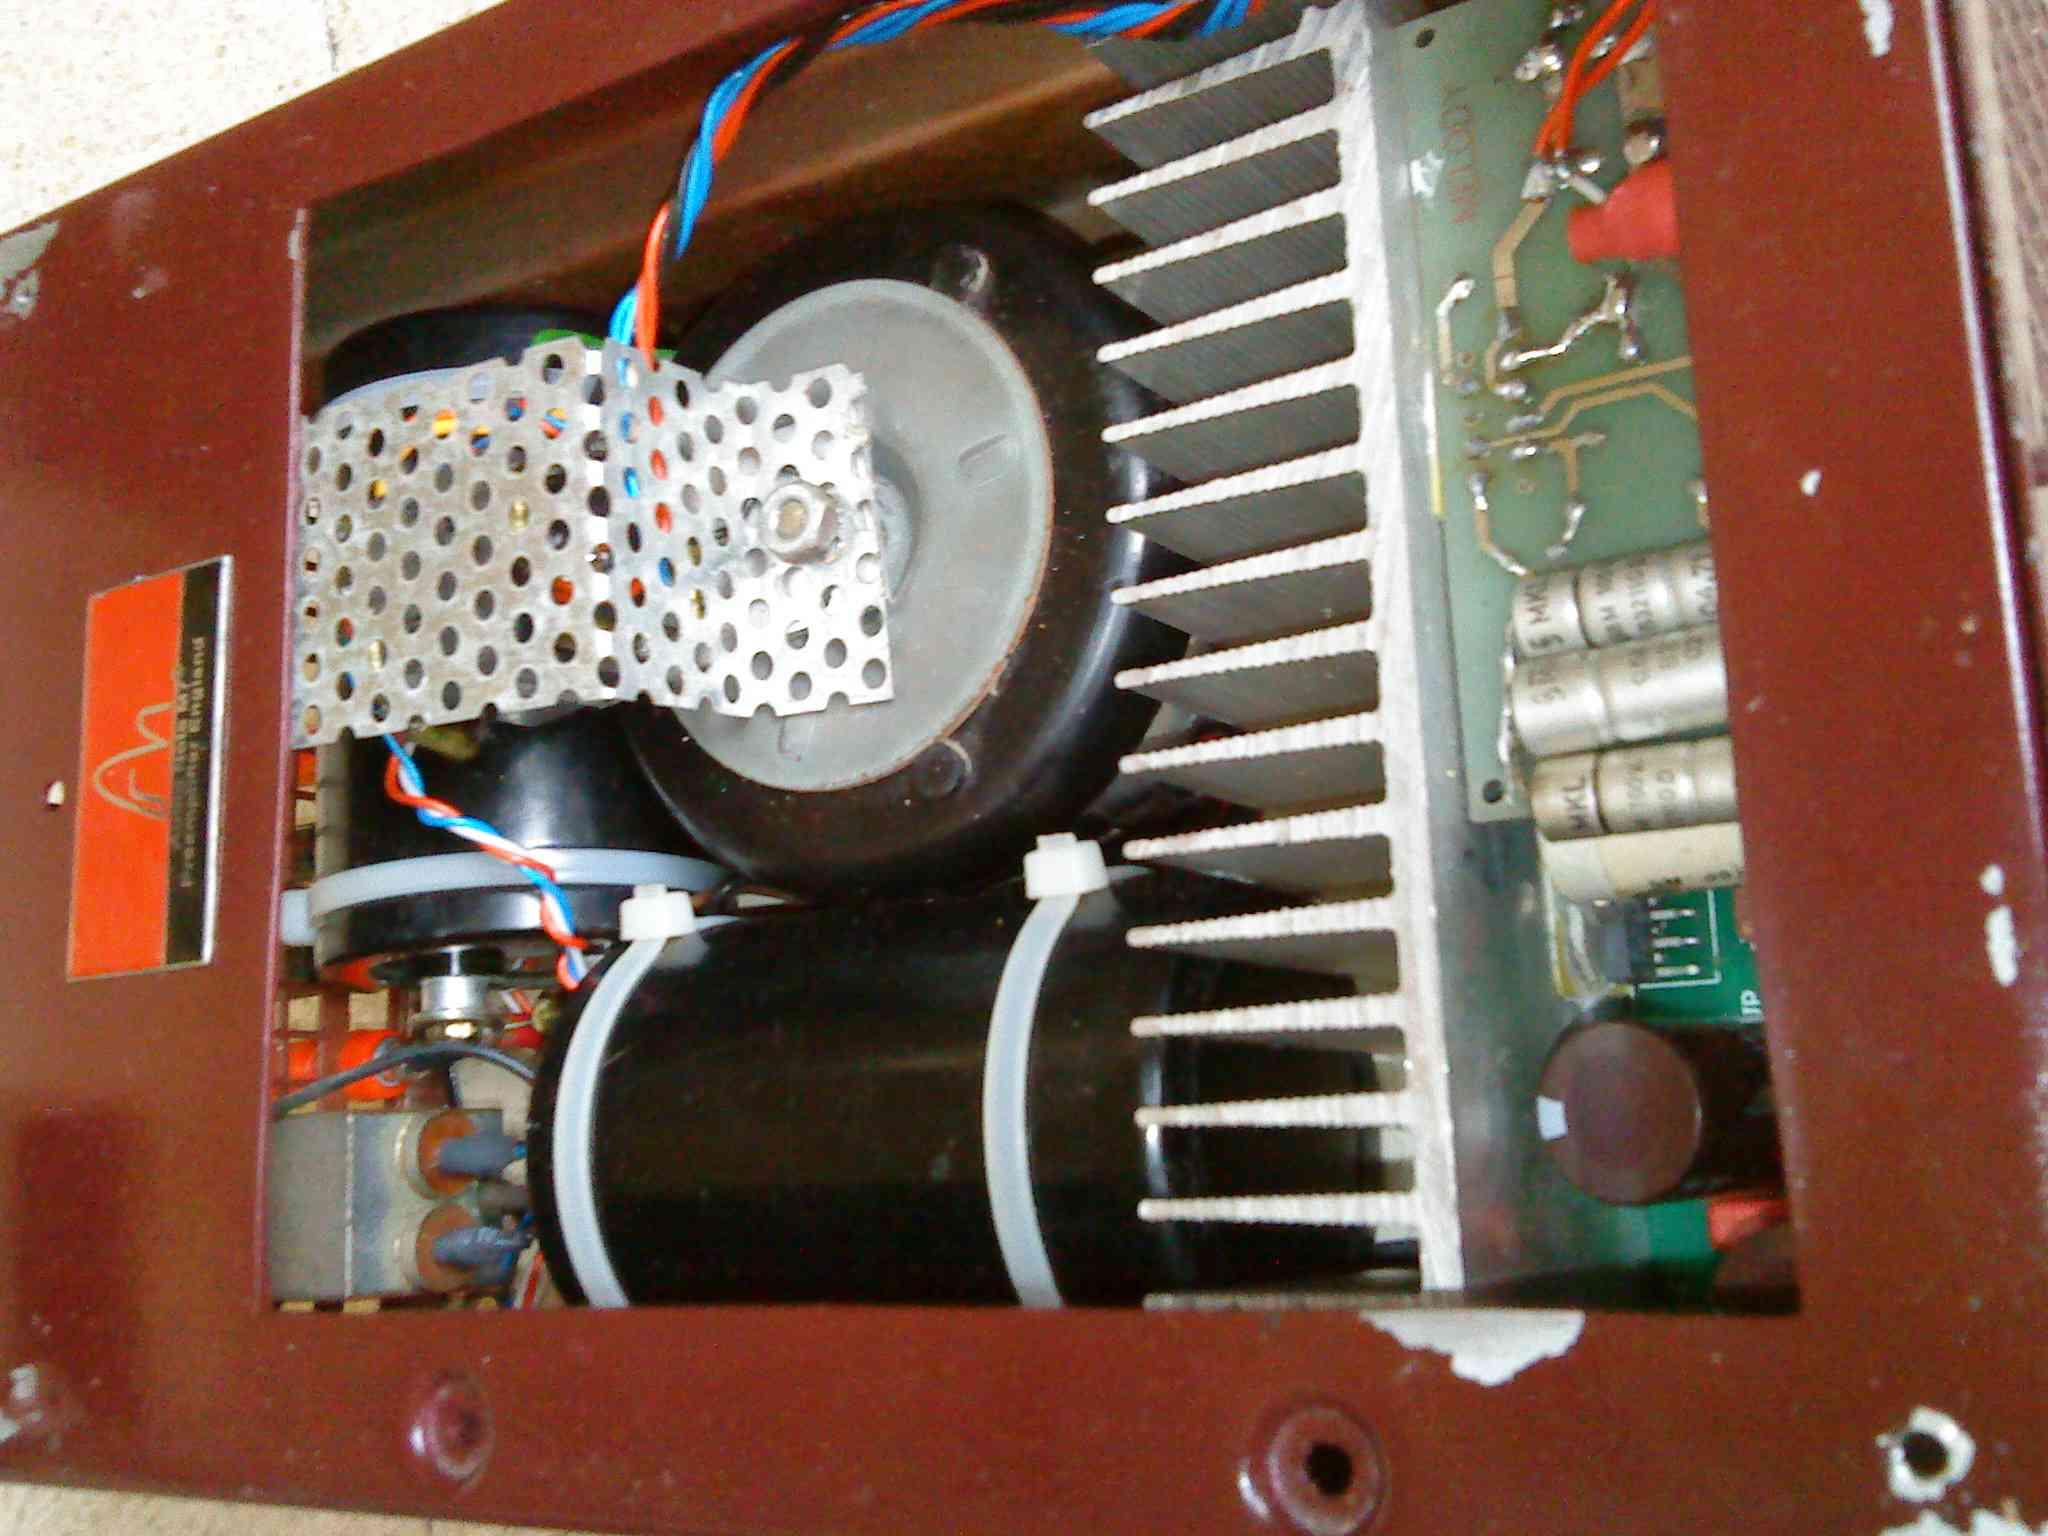 Masive kapasitor bank dan Toroidal Transformer menjamin supply arus untuk chip LM3886